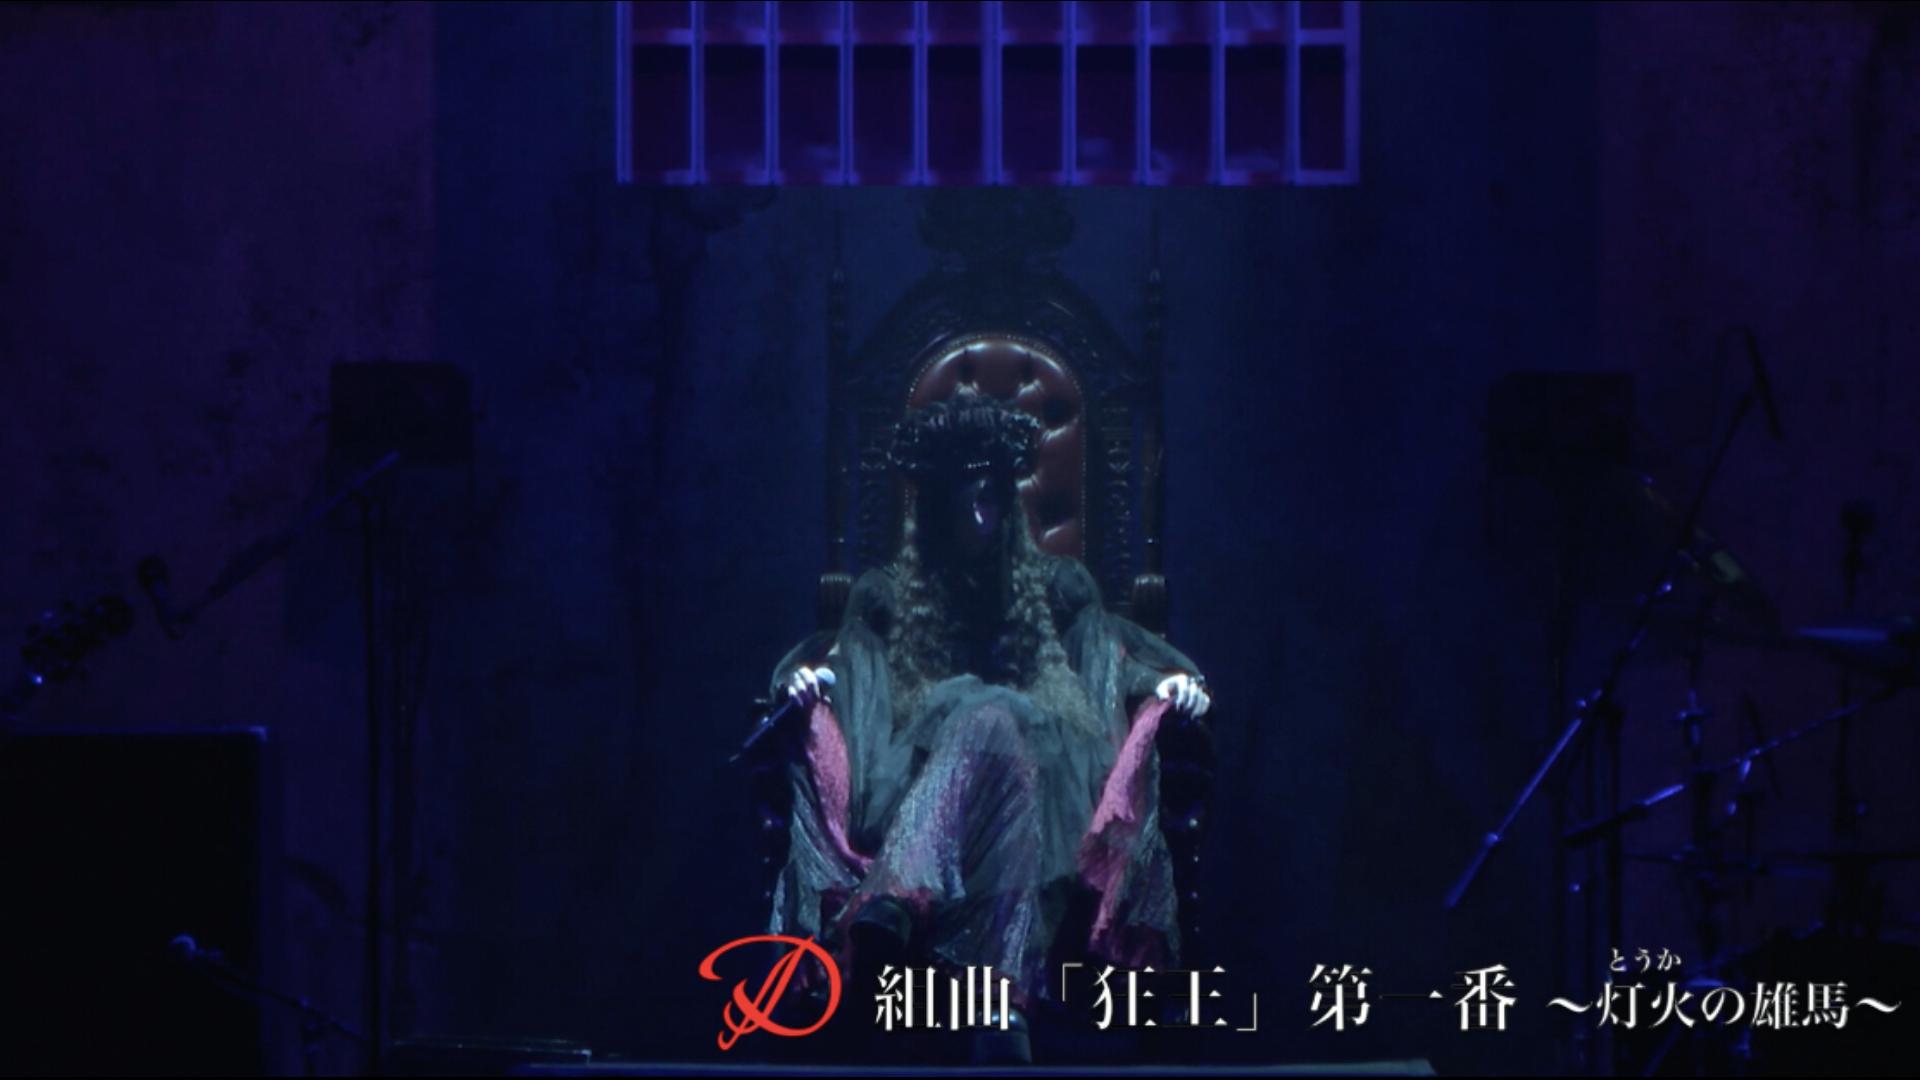 組曲「狂王」第一番 ~灯火(とうか)の雄馬〜